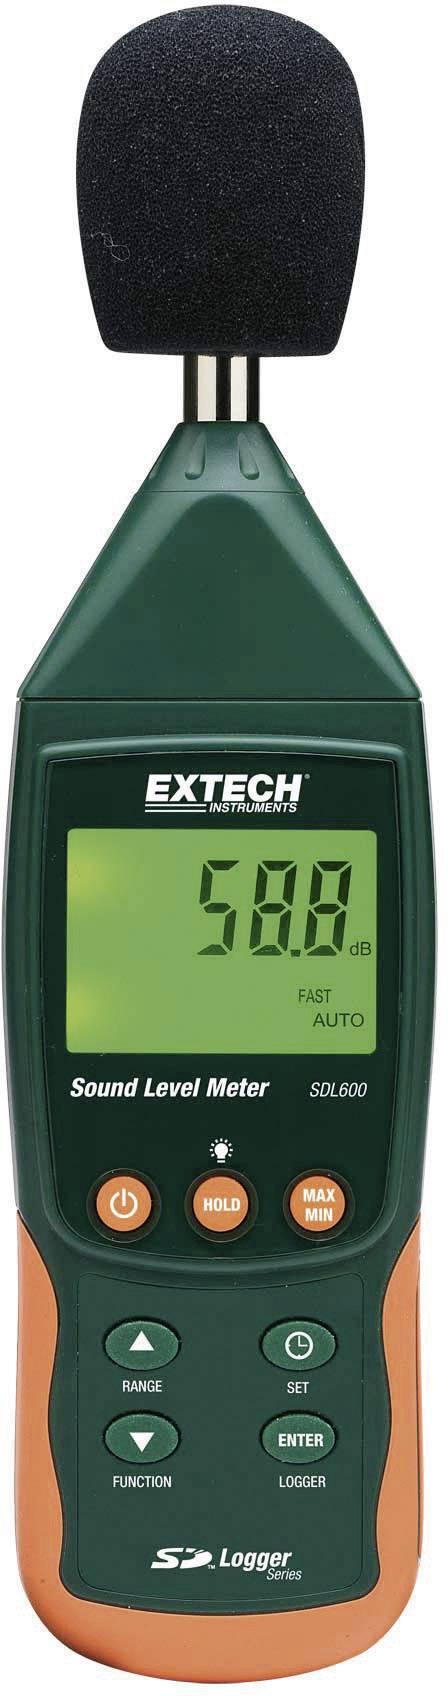 Digitální hlukoměr se záznamem na SD kartu Extech SDL600